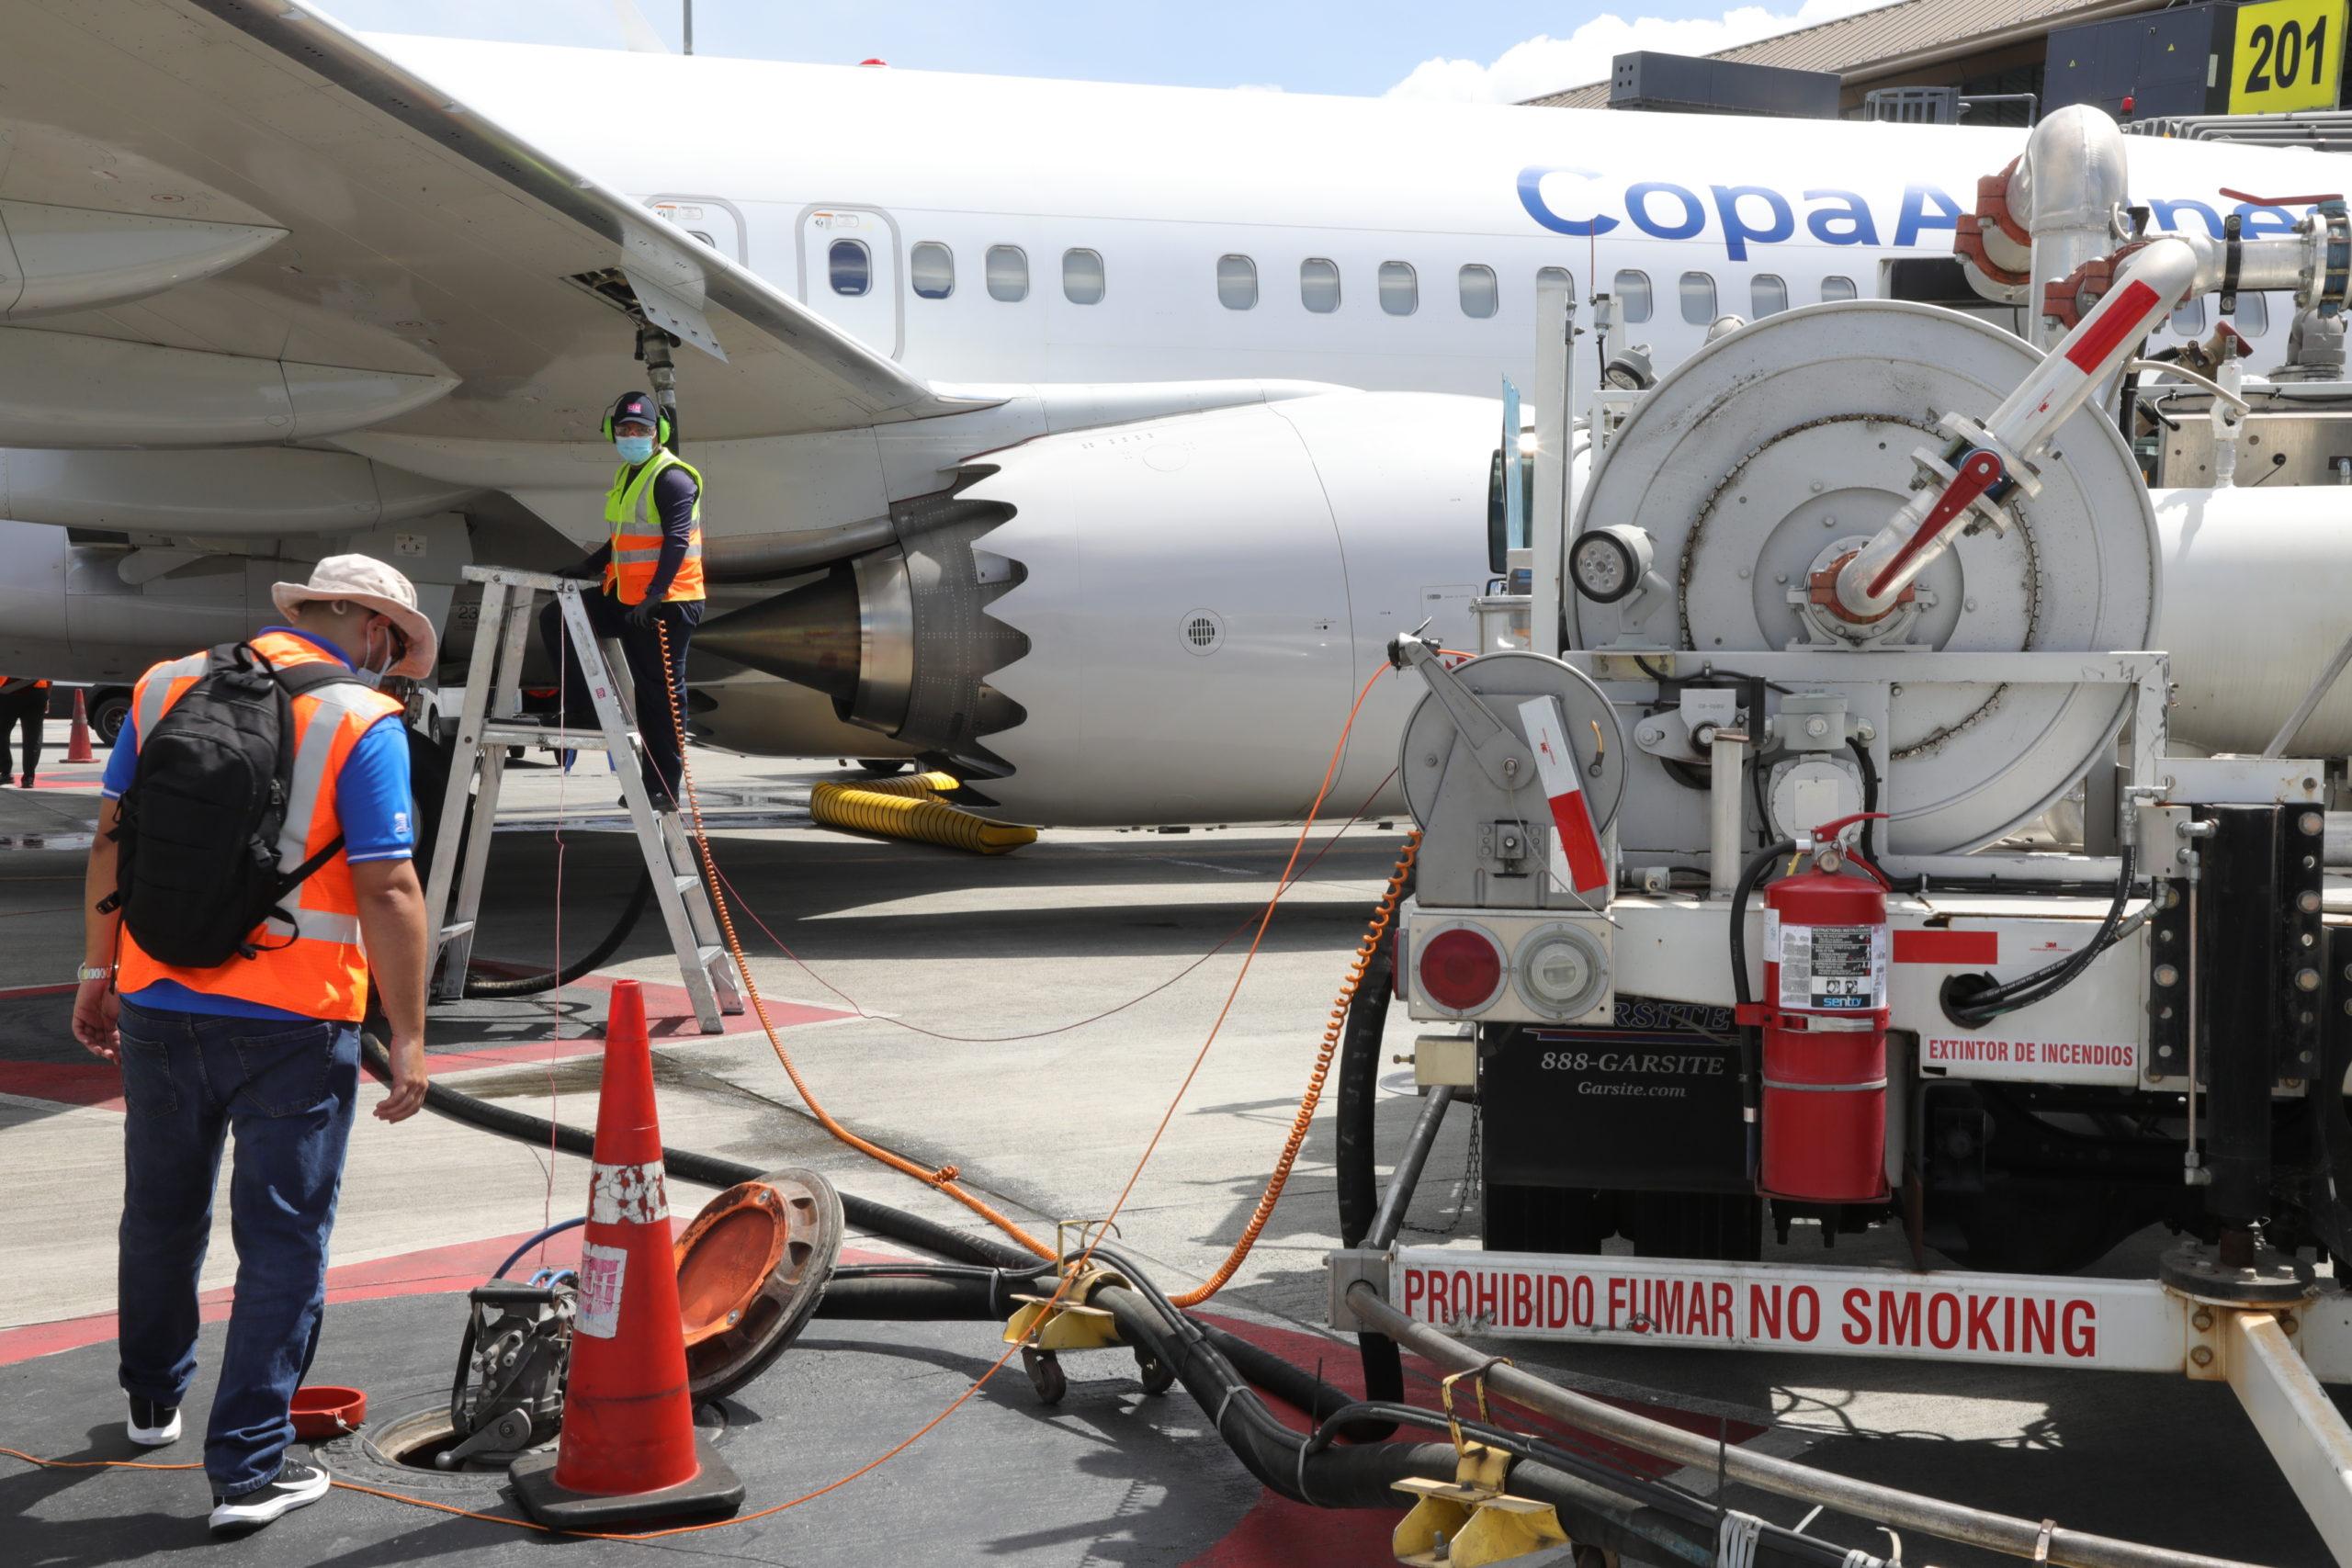 Aeropuerto Internacional Tocumen de Panamá pone en marcha sistema soterrado de conducción de combustible en la Terminal 2